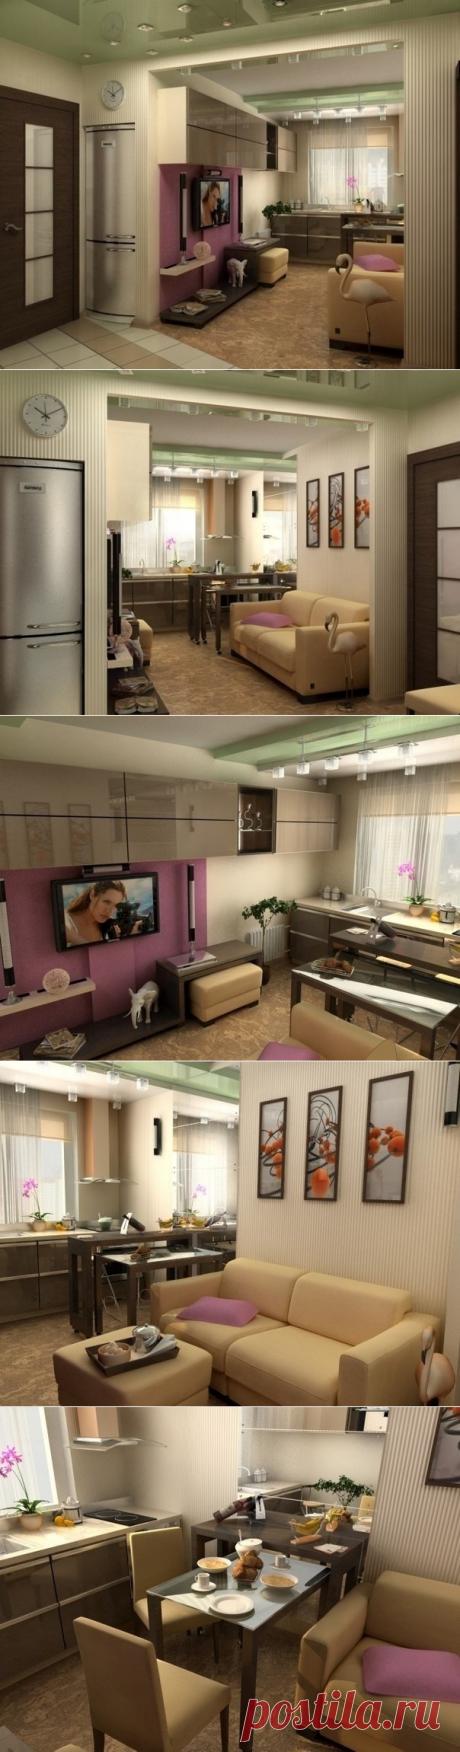 Интерьер гостиной и кухни в маленькой квартире - Дизайн интерьеров | Идеи вашего дома | Lodgers